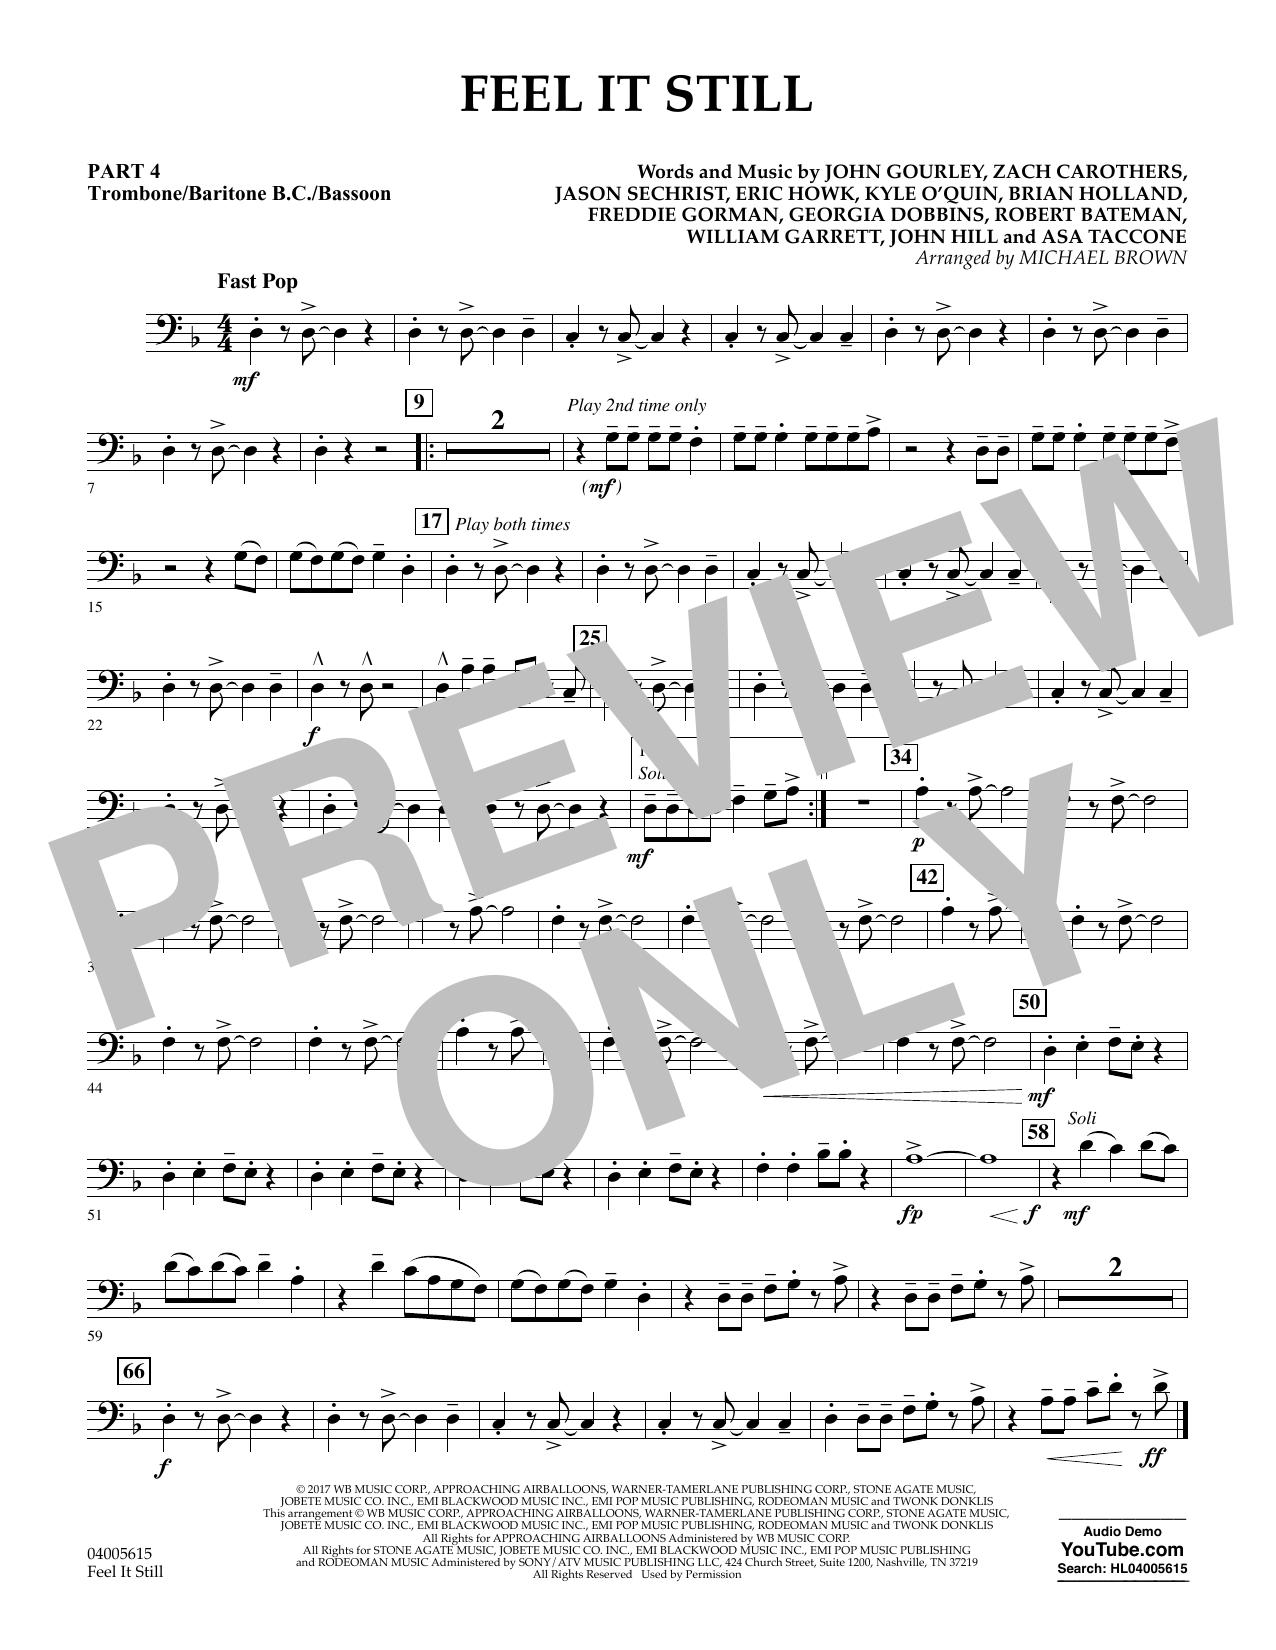 Feel It Still - Pt.4 - Trombone/Bar. B.C./Bsn. (Flex-Band)